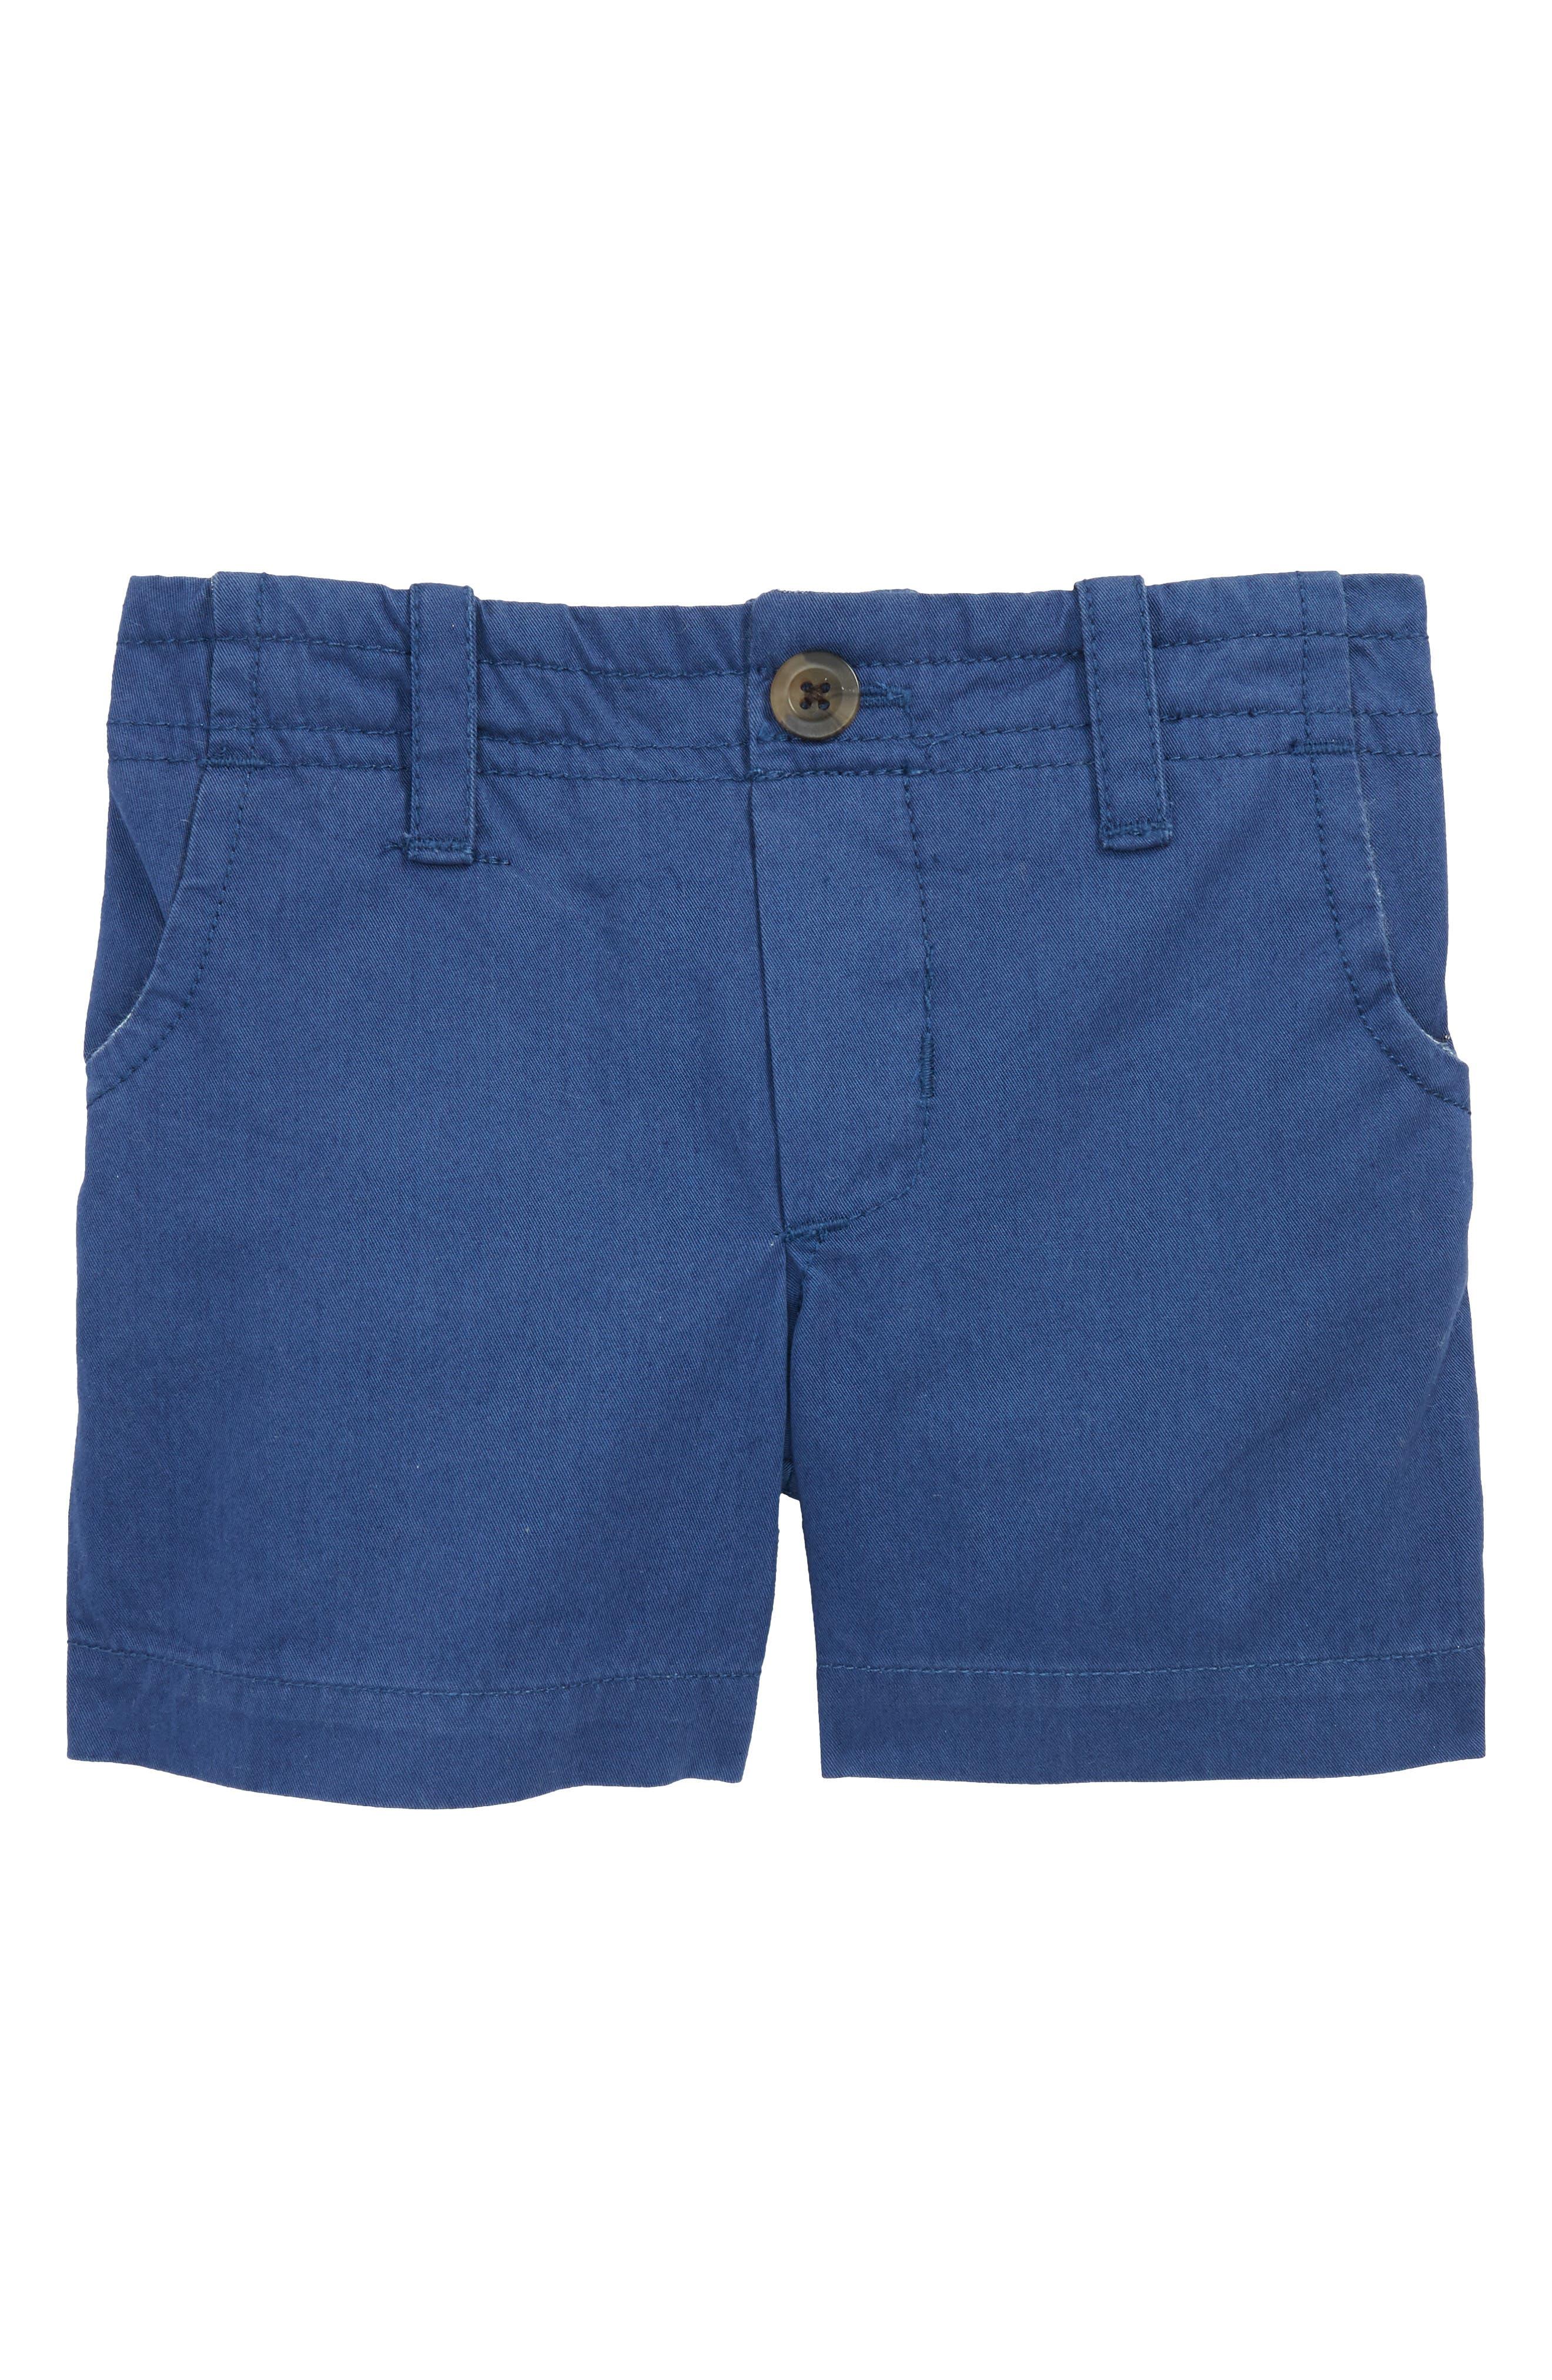 Hudson Shorts,                             Main thumbnail 1, color,